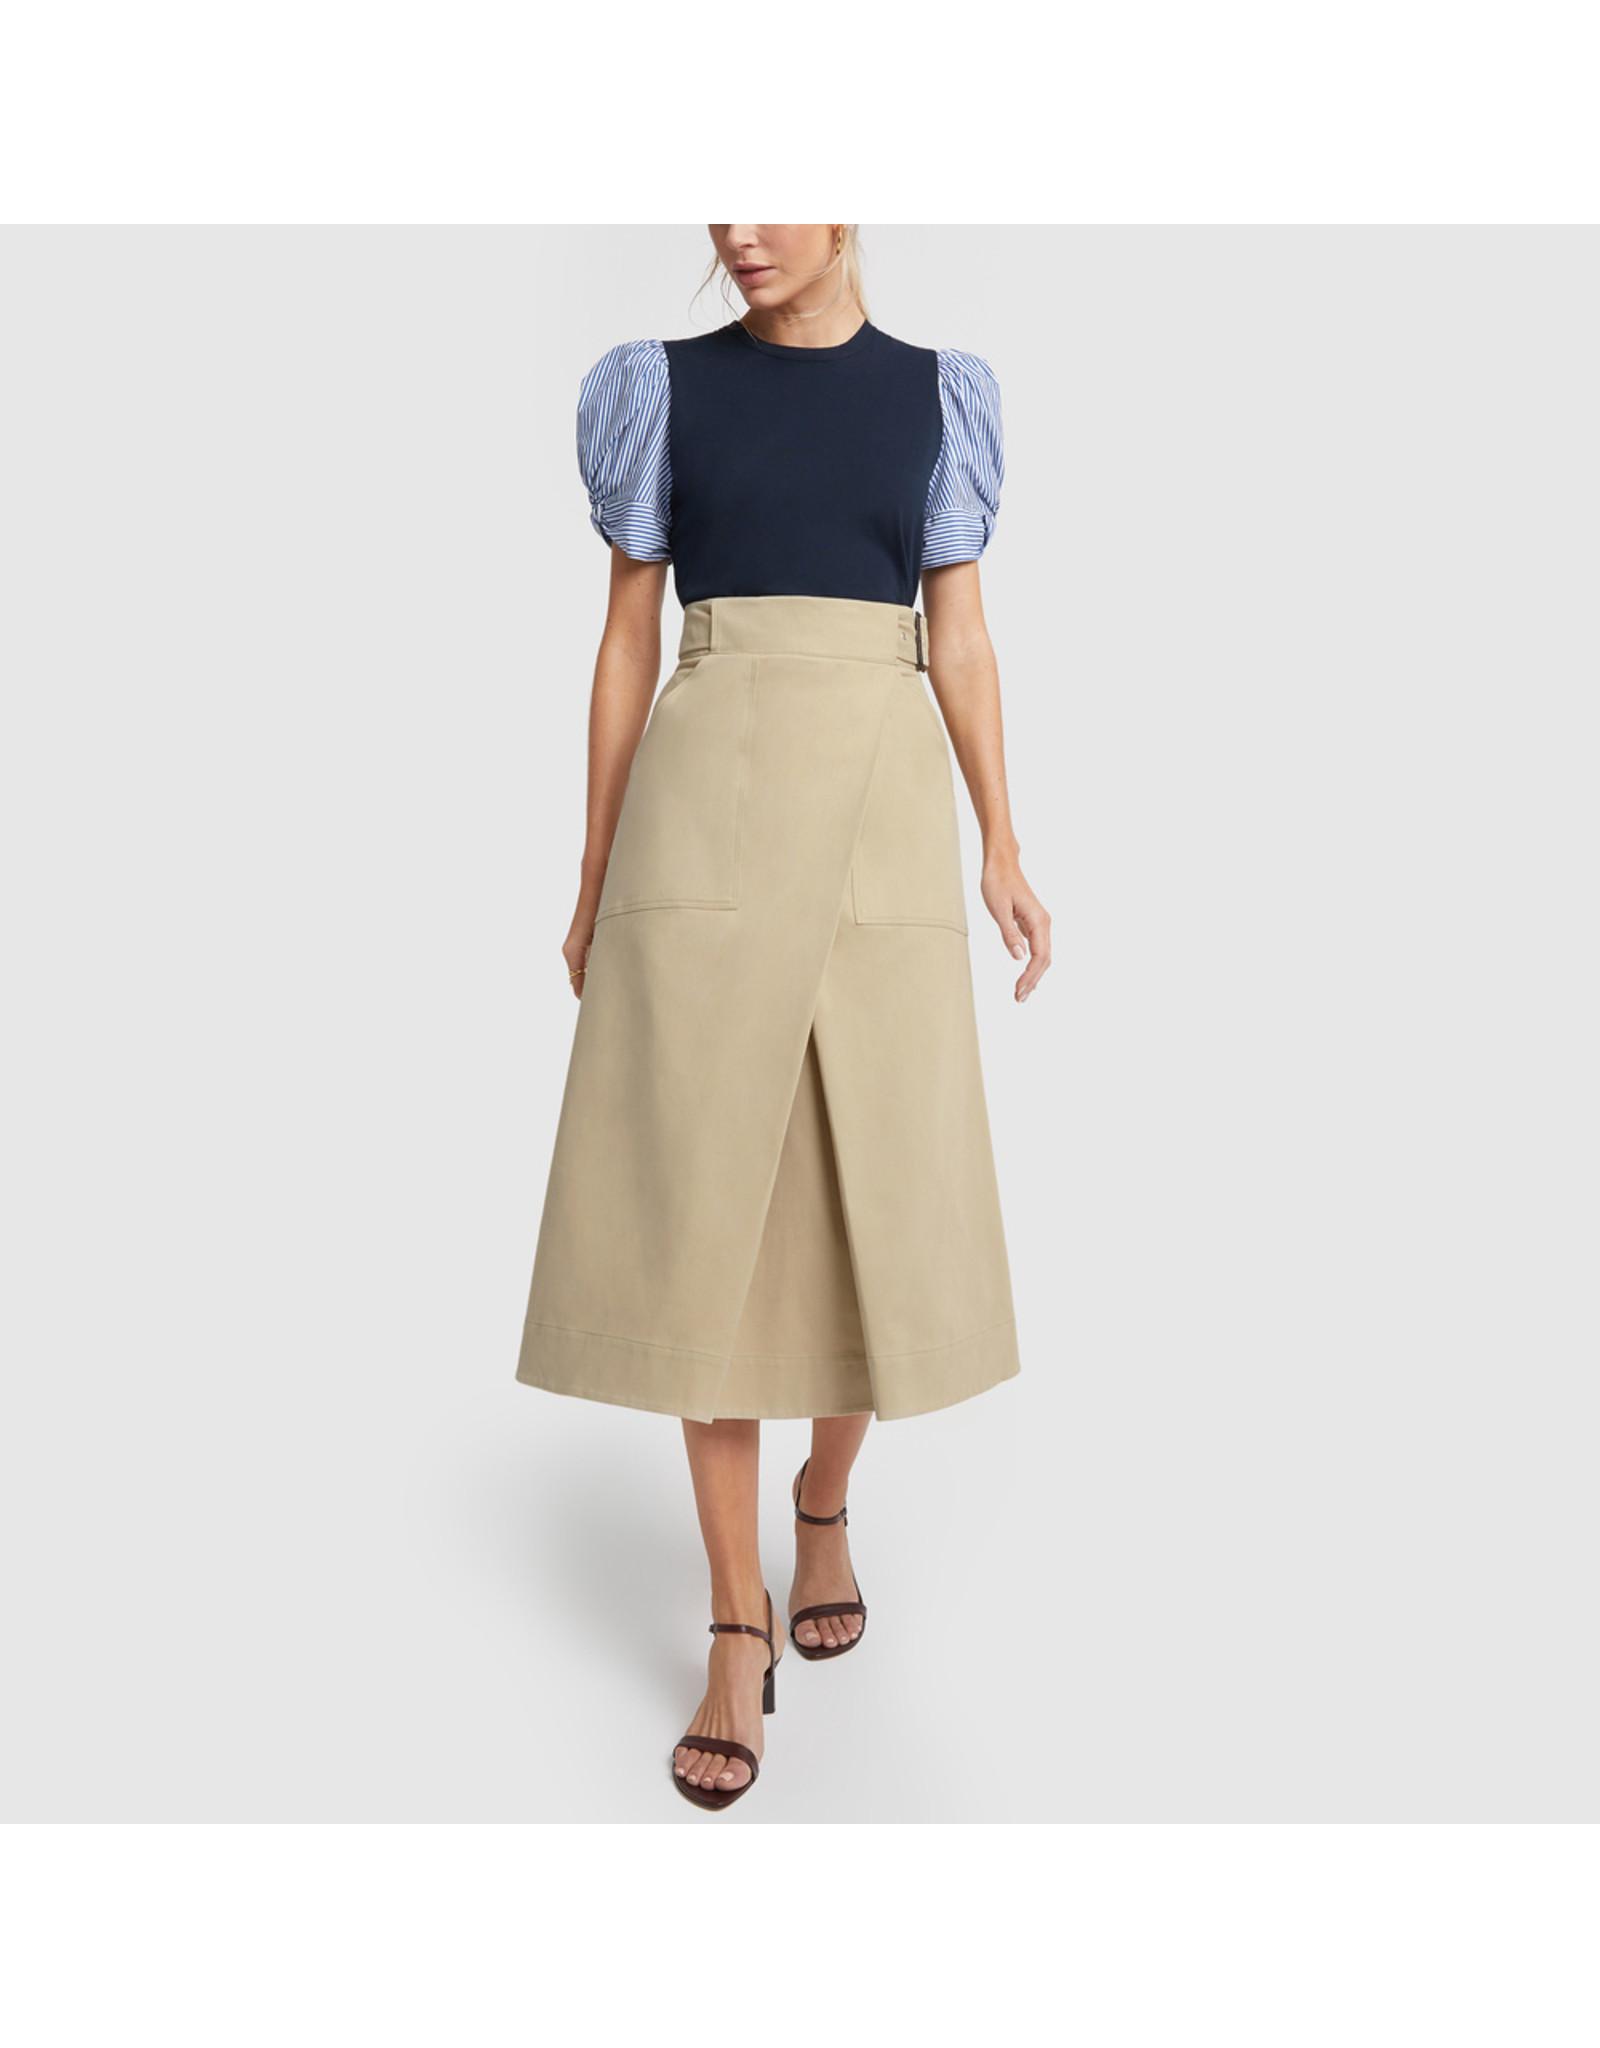 G. Label G. Label Hall Cotton Wrap Skirt (Size: 8, Color: Khaki)